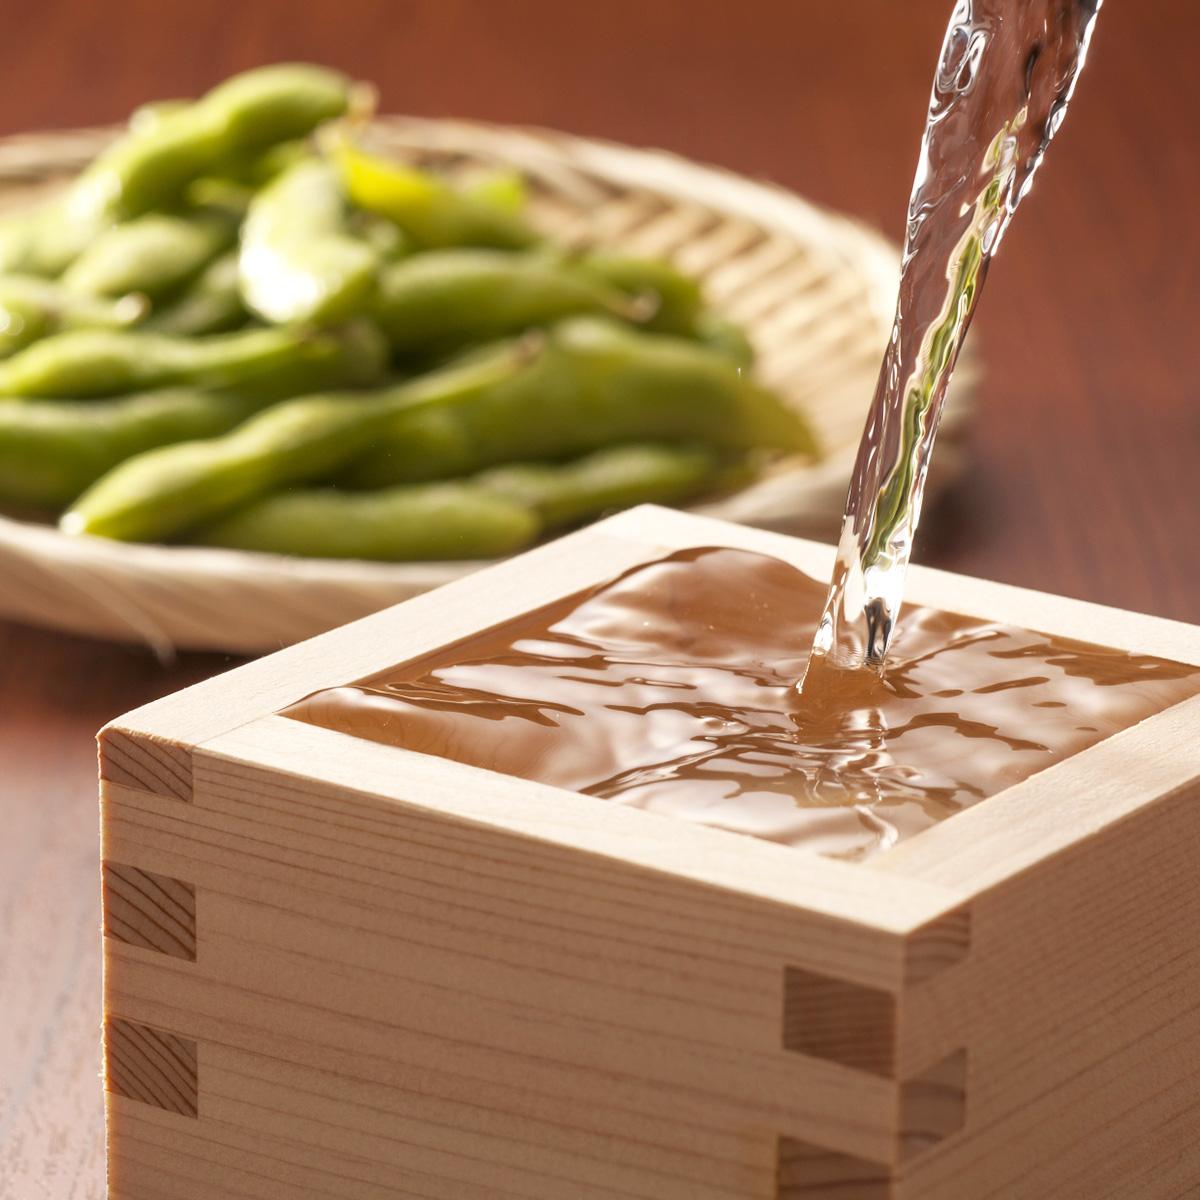 OrganicGarden 自然栽培米使用 日本酒4本セット〔ありがとうプレミアム・たいしょう他全4種720ml×各1〕